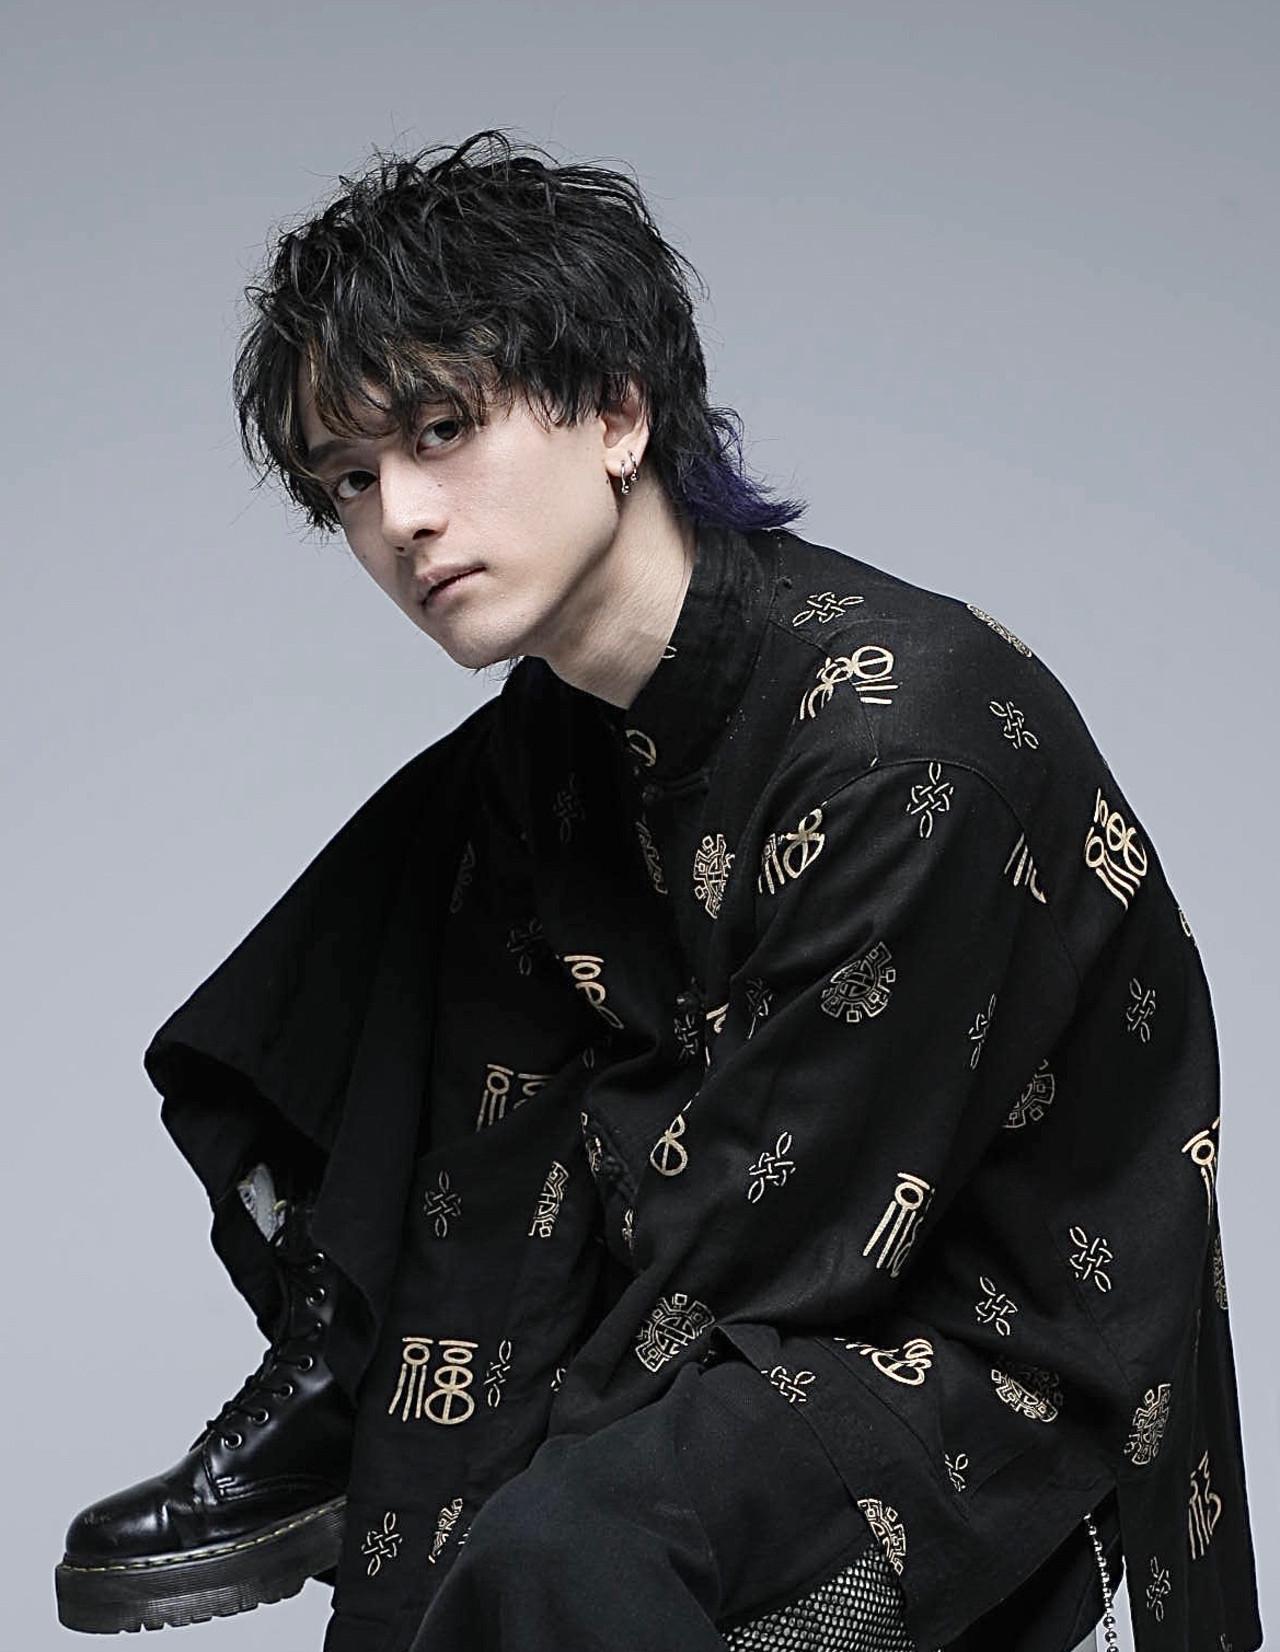 モード ミディアム スパイラルパーマ メンズヘア ヘアスタイルや髪型の写真・画像